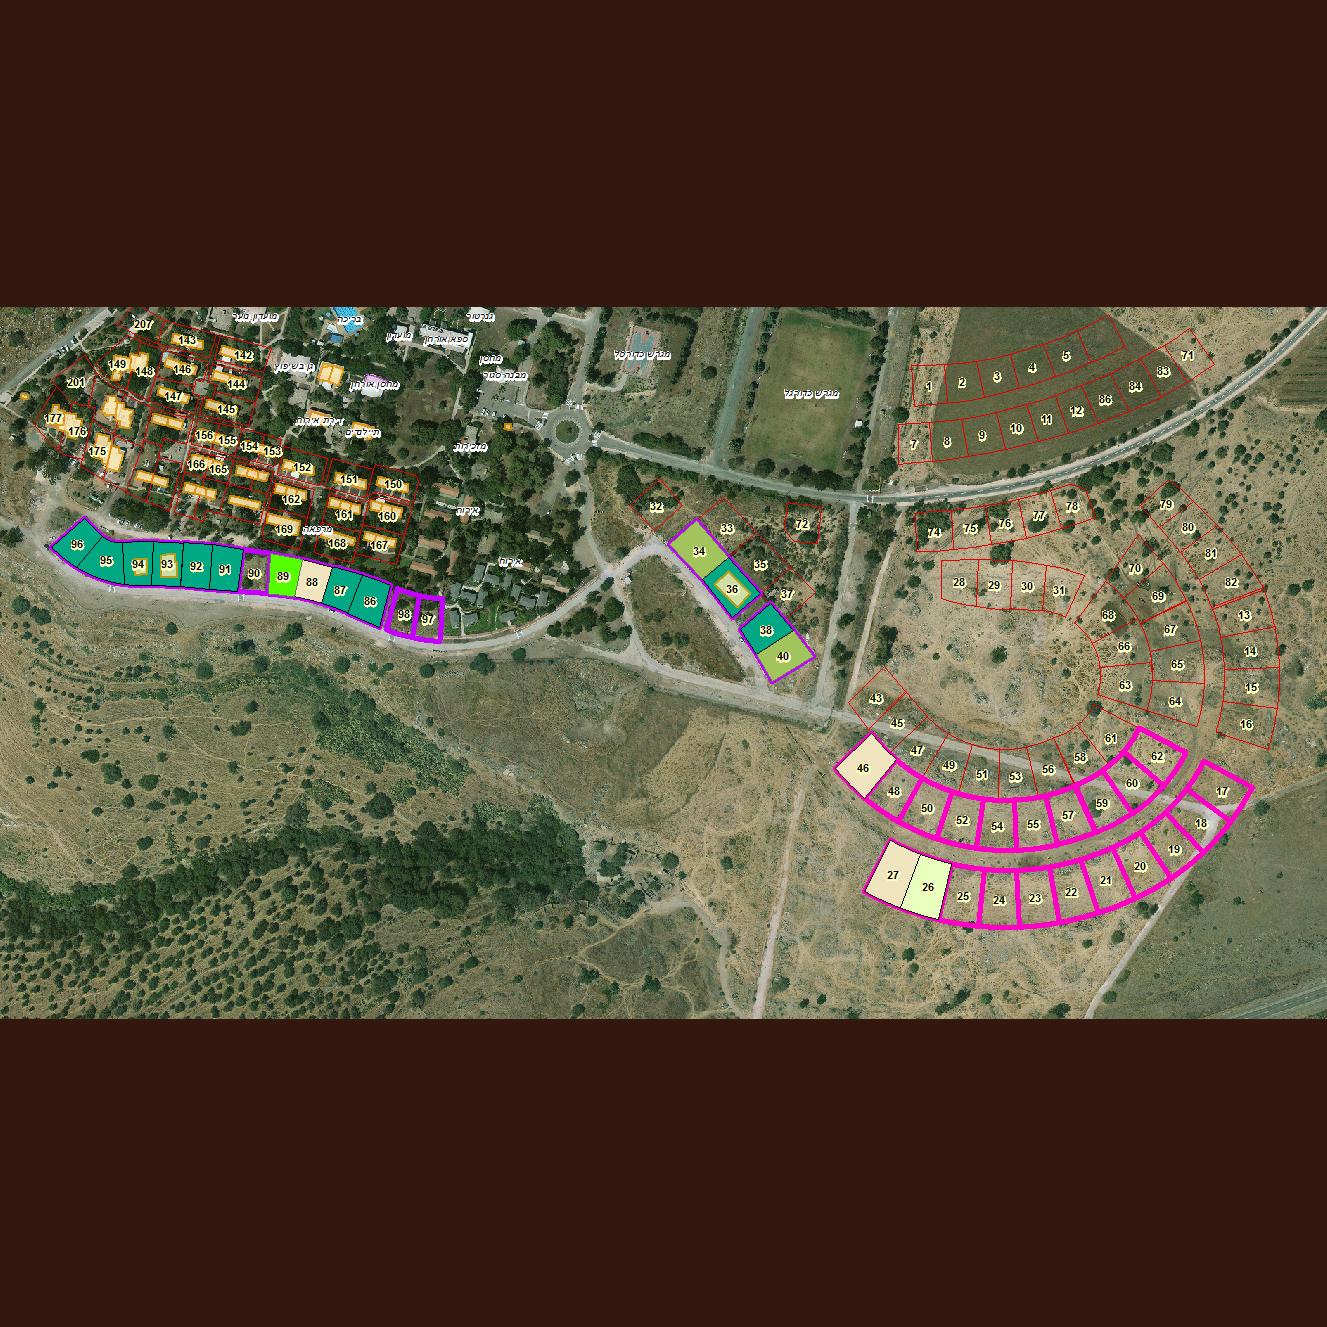 מפת סימון המגרשים